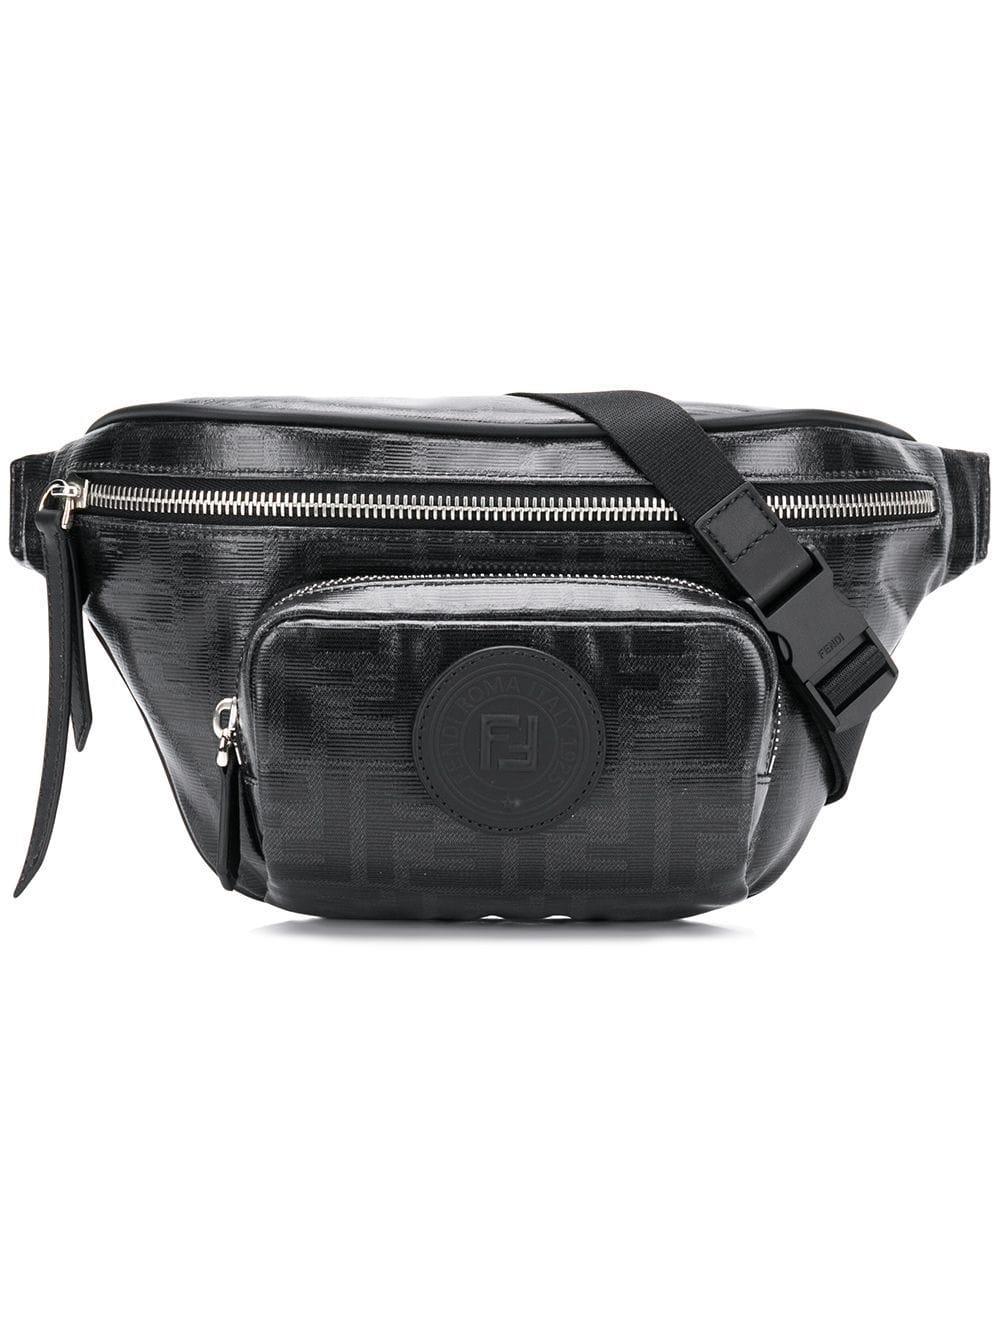 2af411c3041a Lyst - Fendi Black Ff Belt Bag in Black for Men